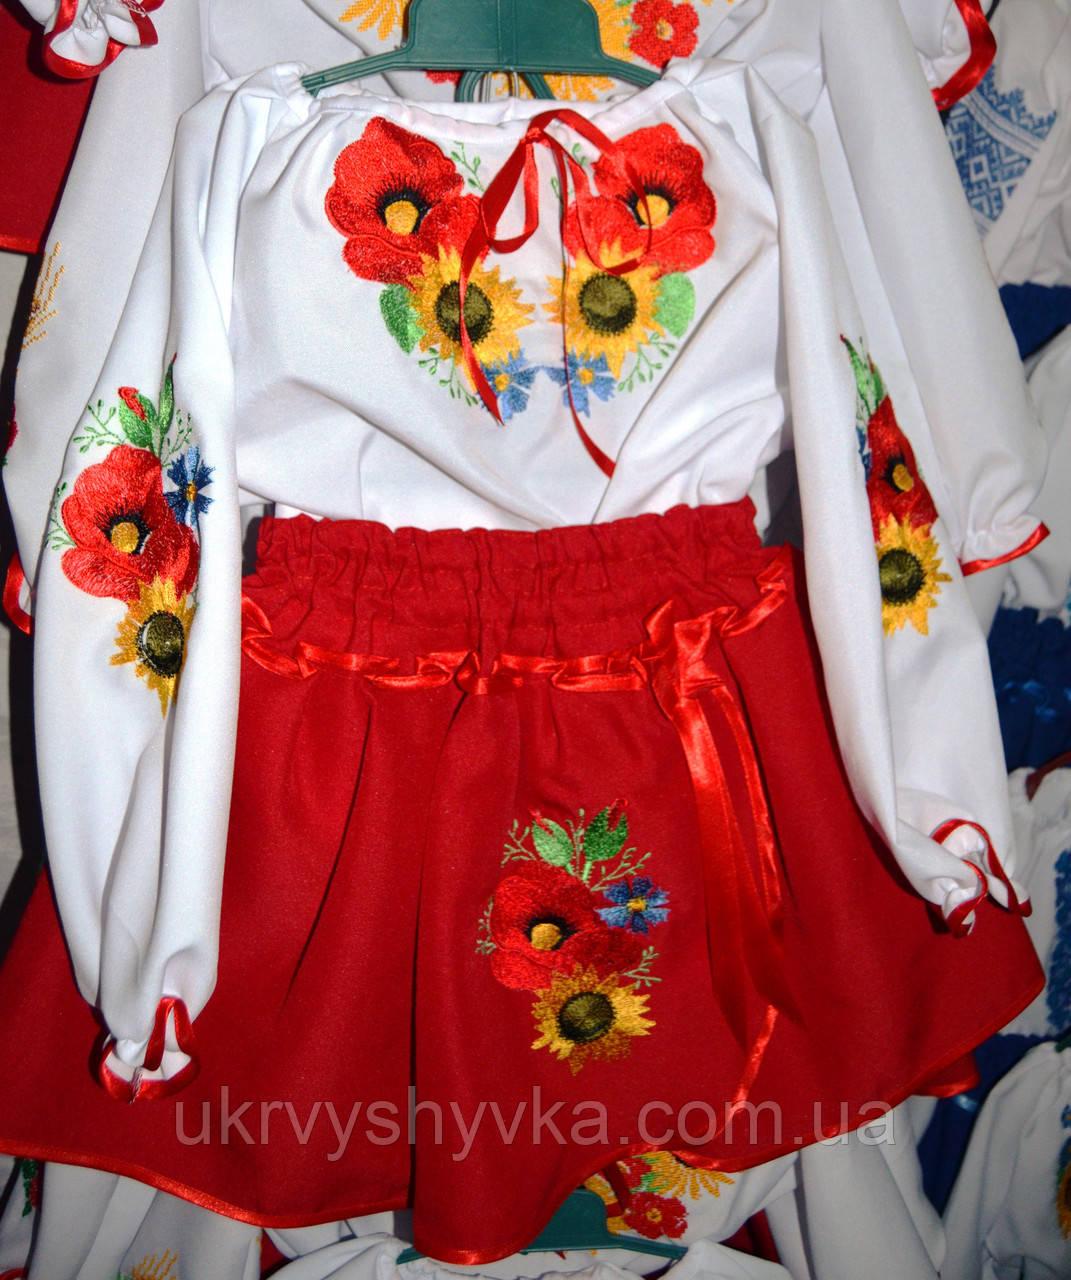 дитячий костюм з вишивкою